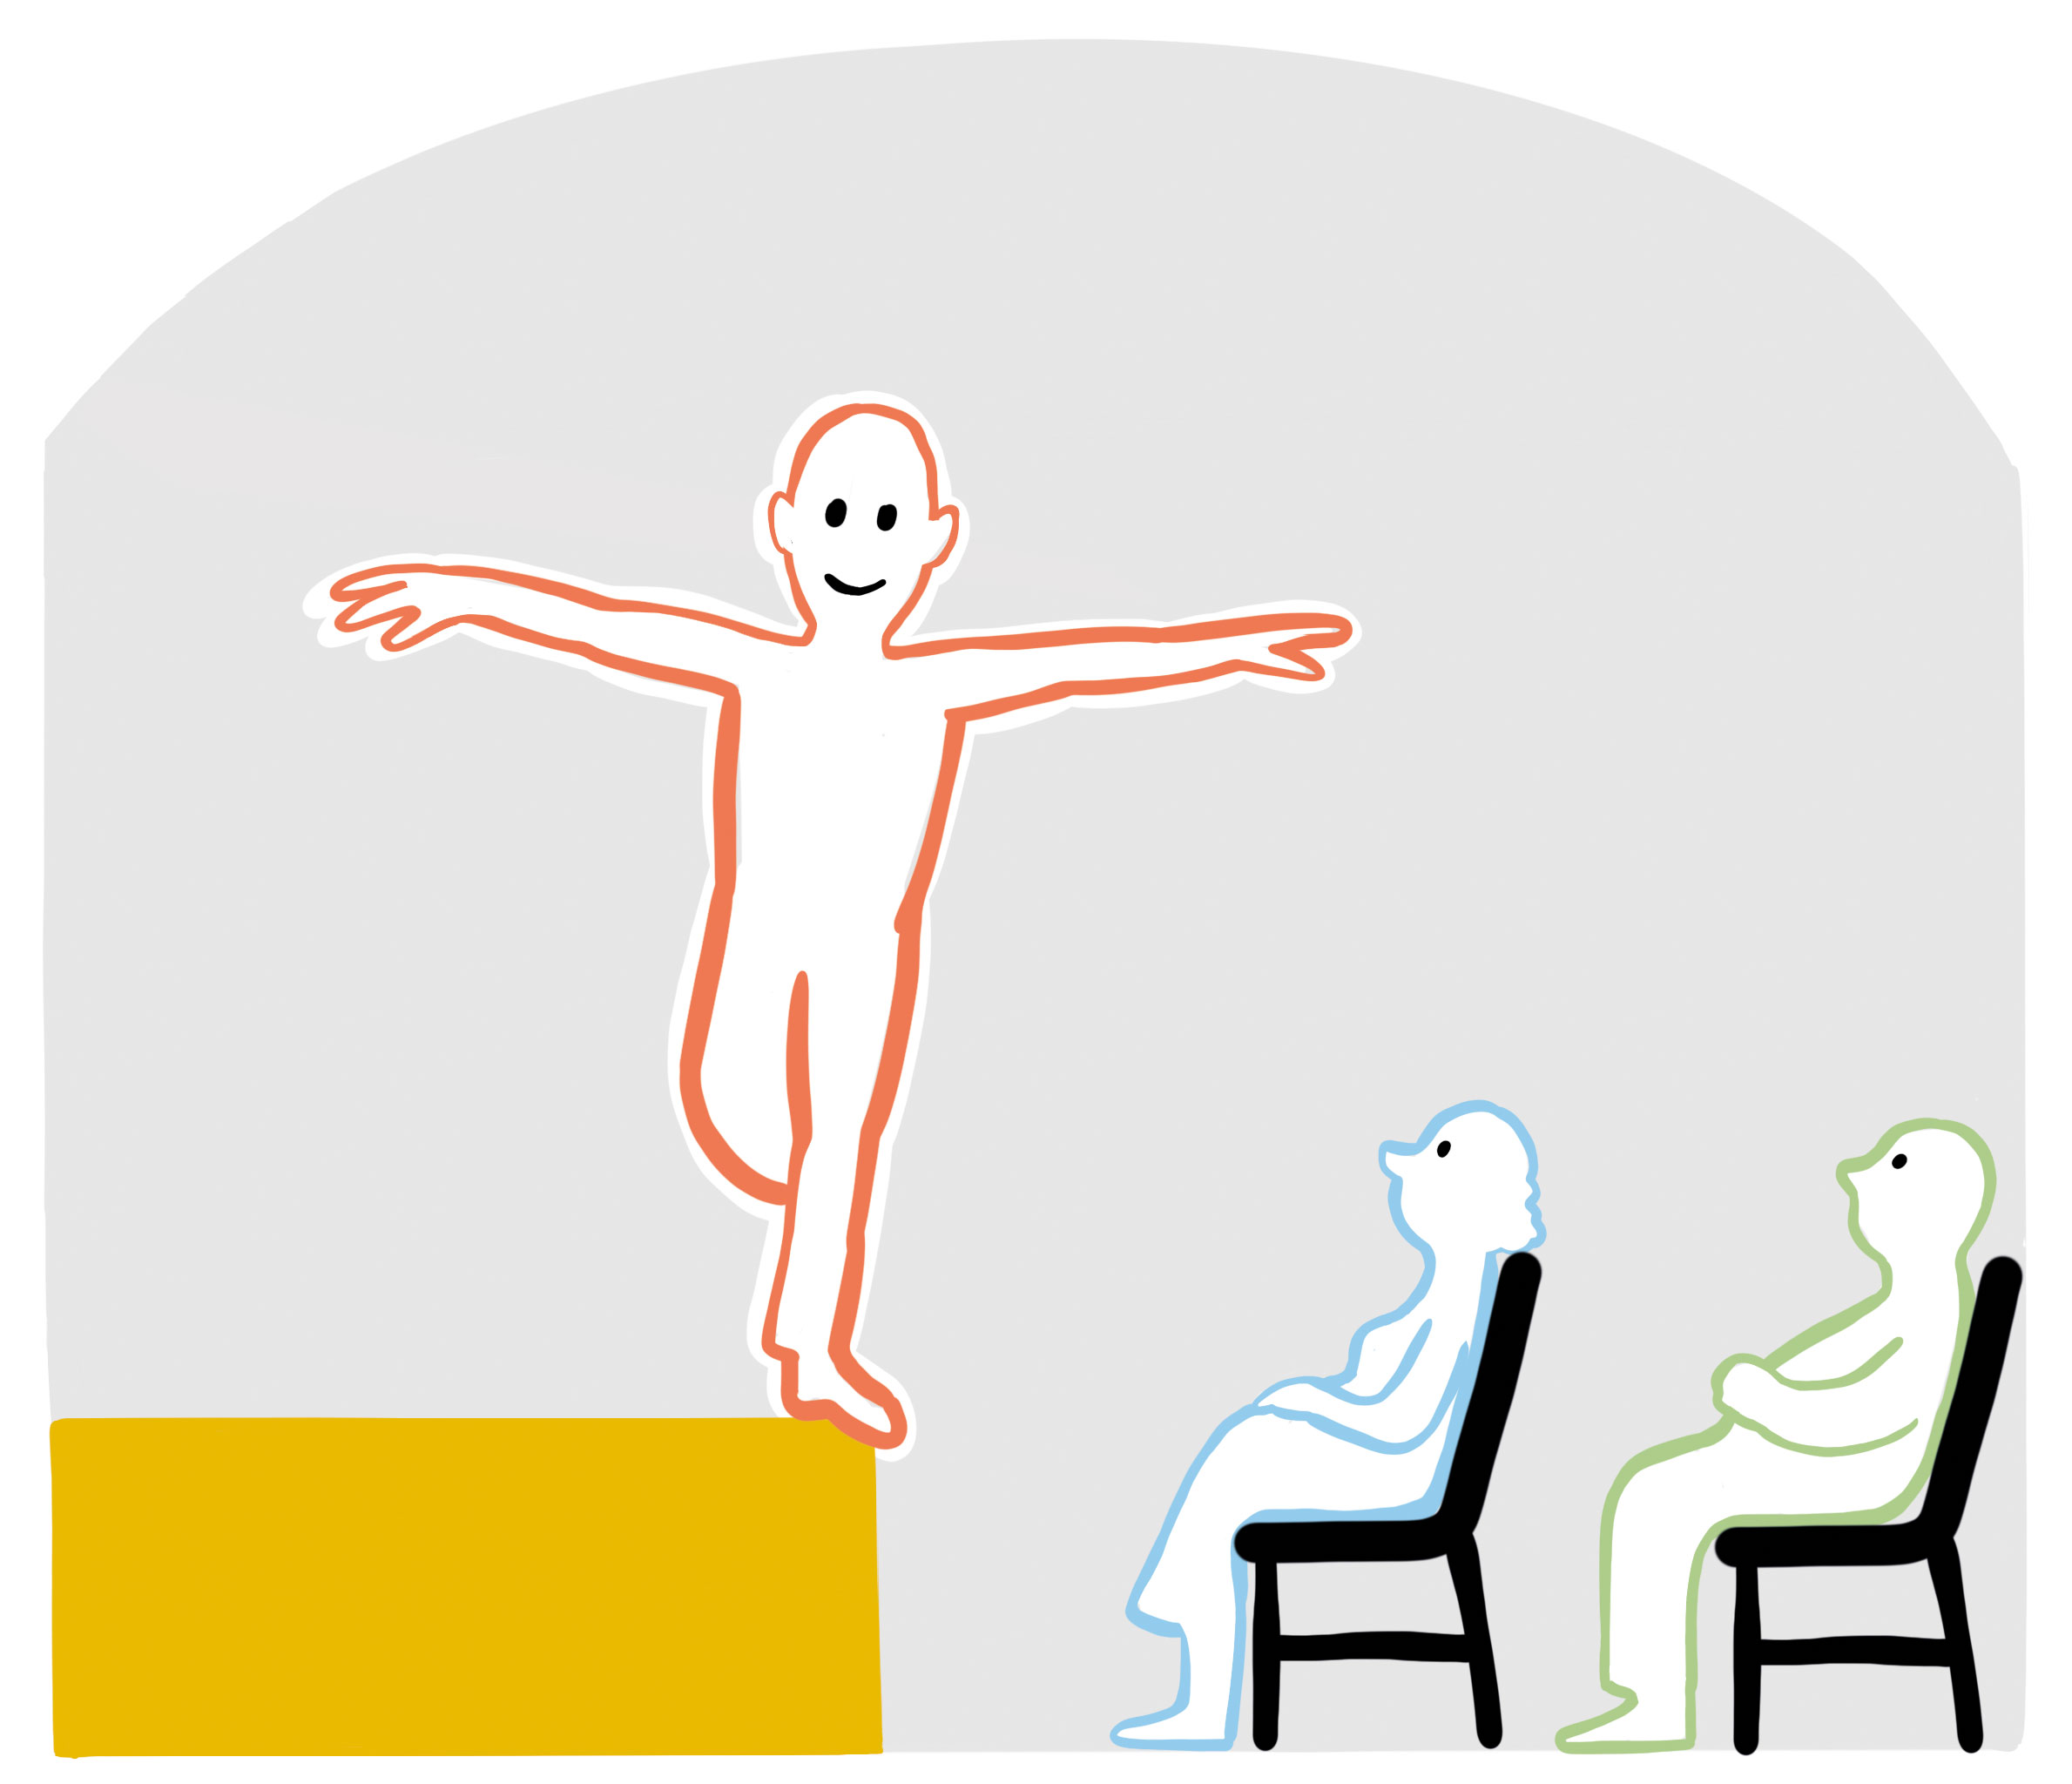 Ein Mann balanciert am Bühnenrand. Zwei Zuschauende schauen ihn an.